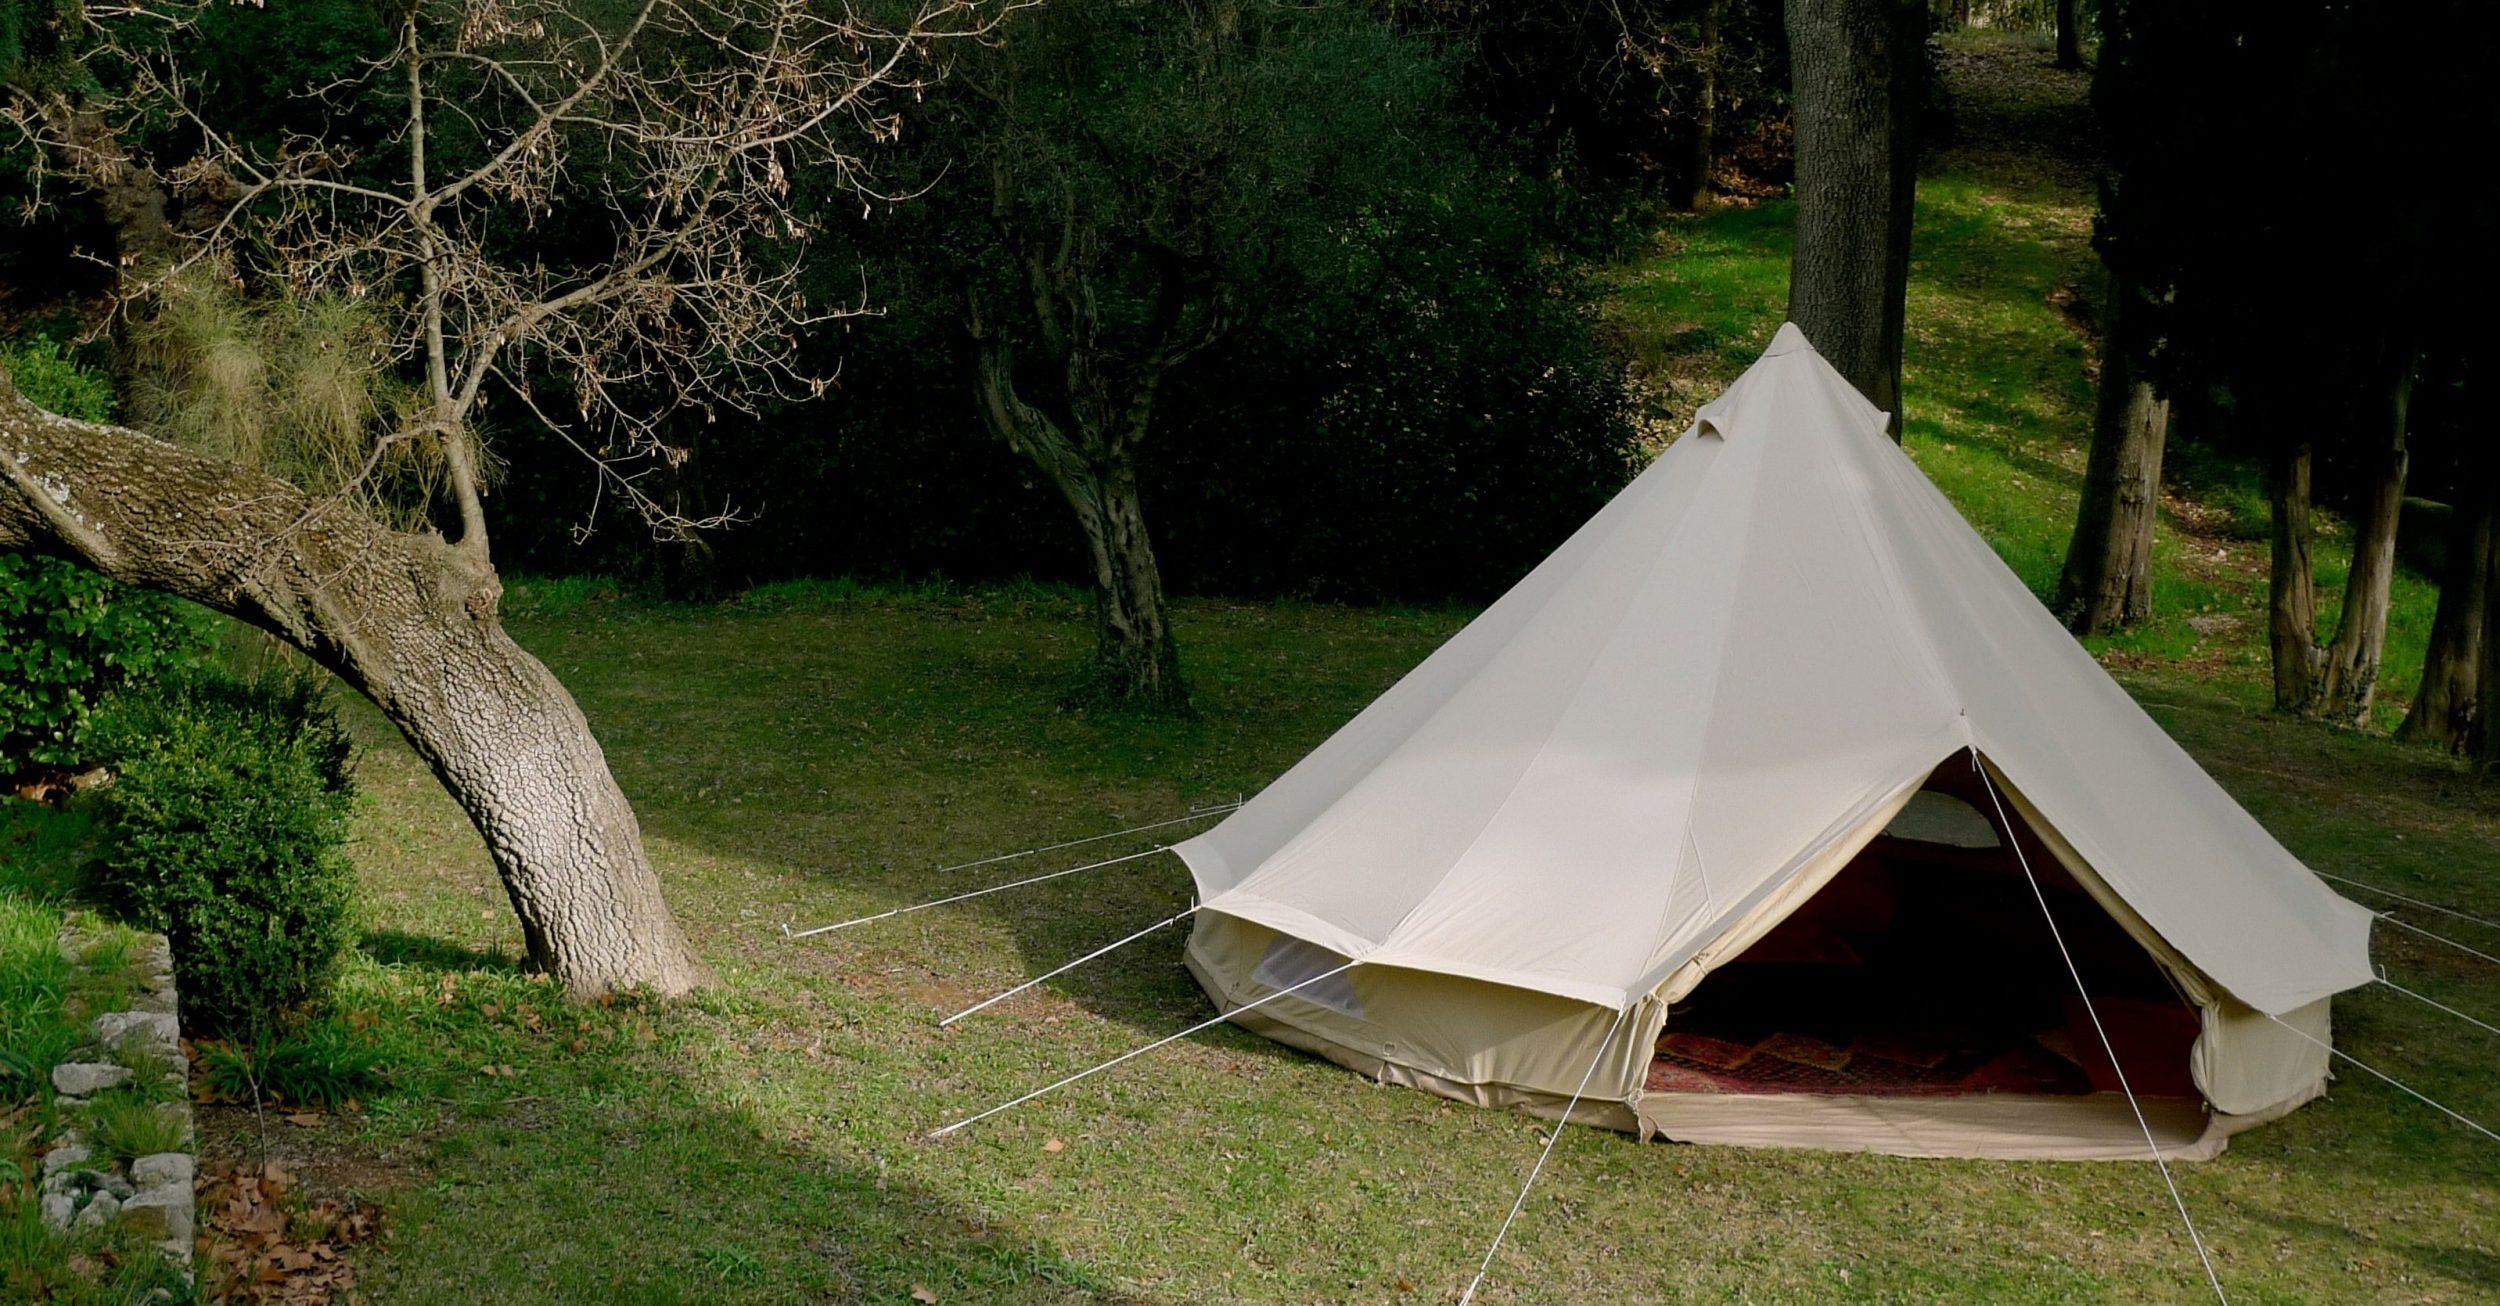 La magnifique tente Sibley 500 dans un jardin